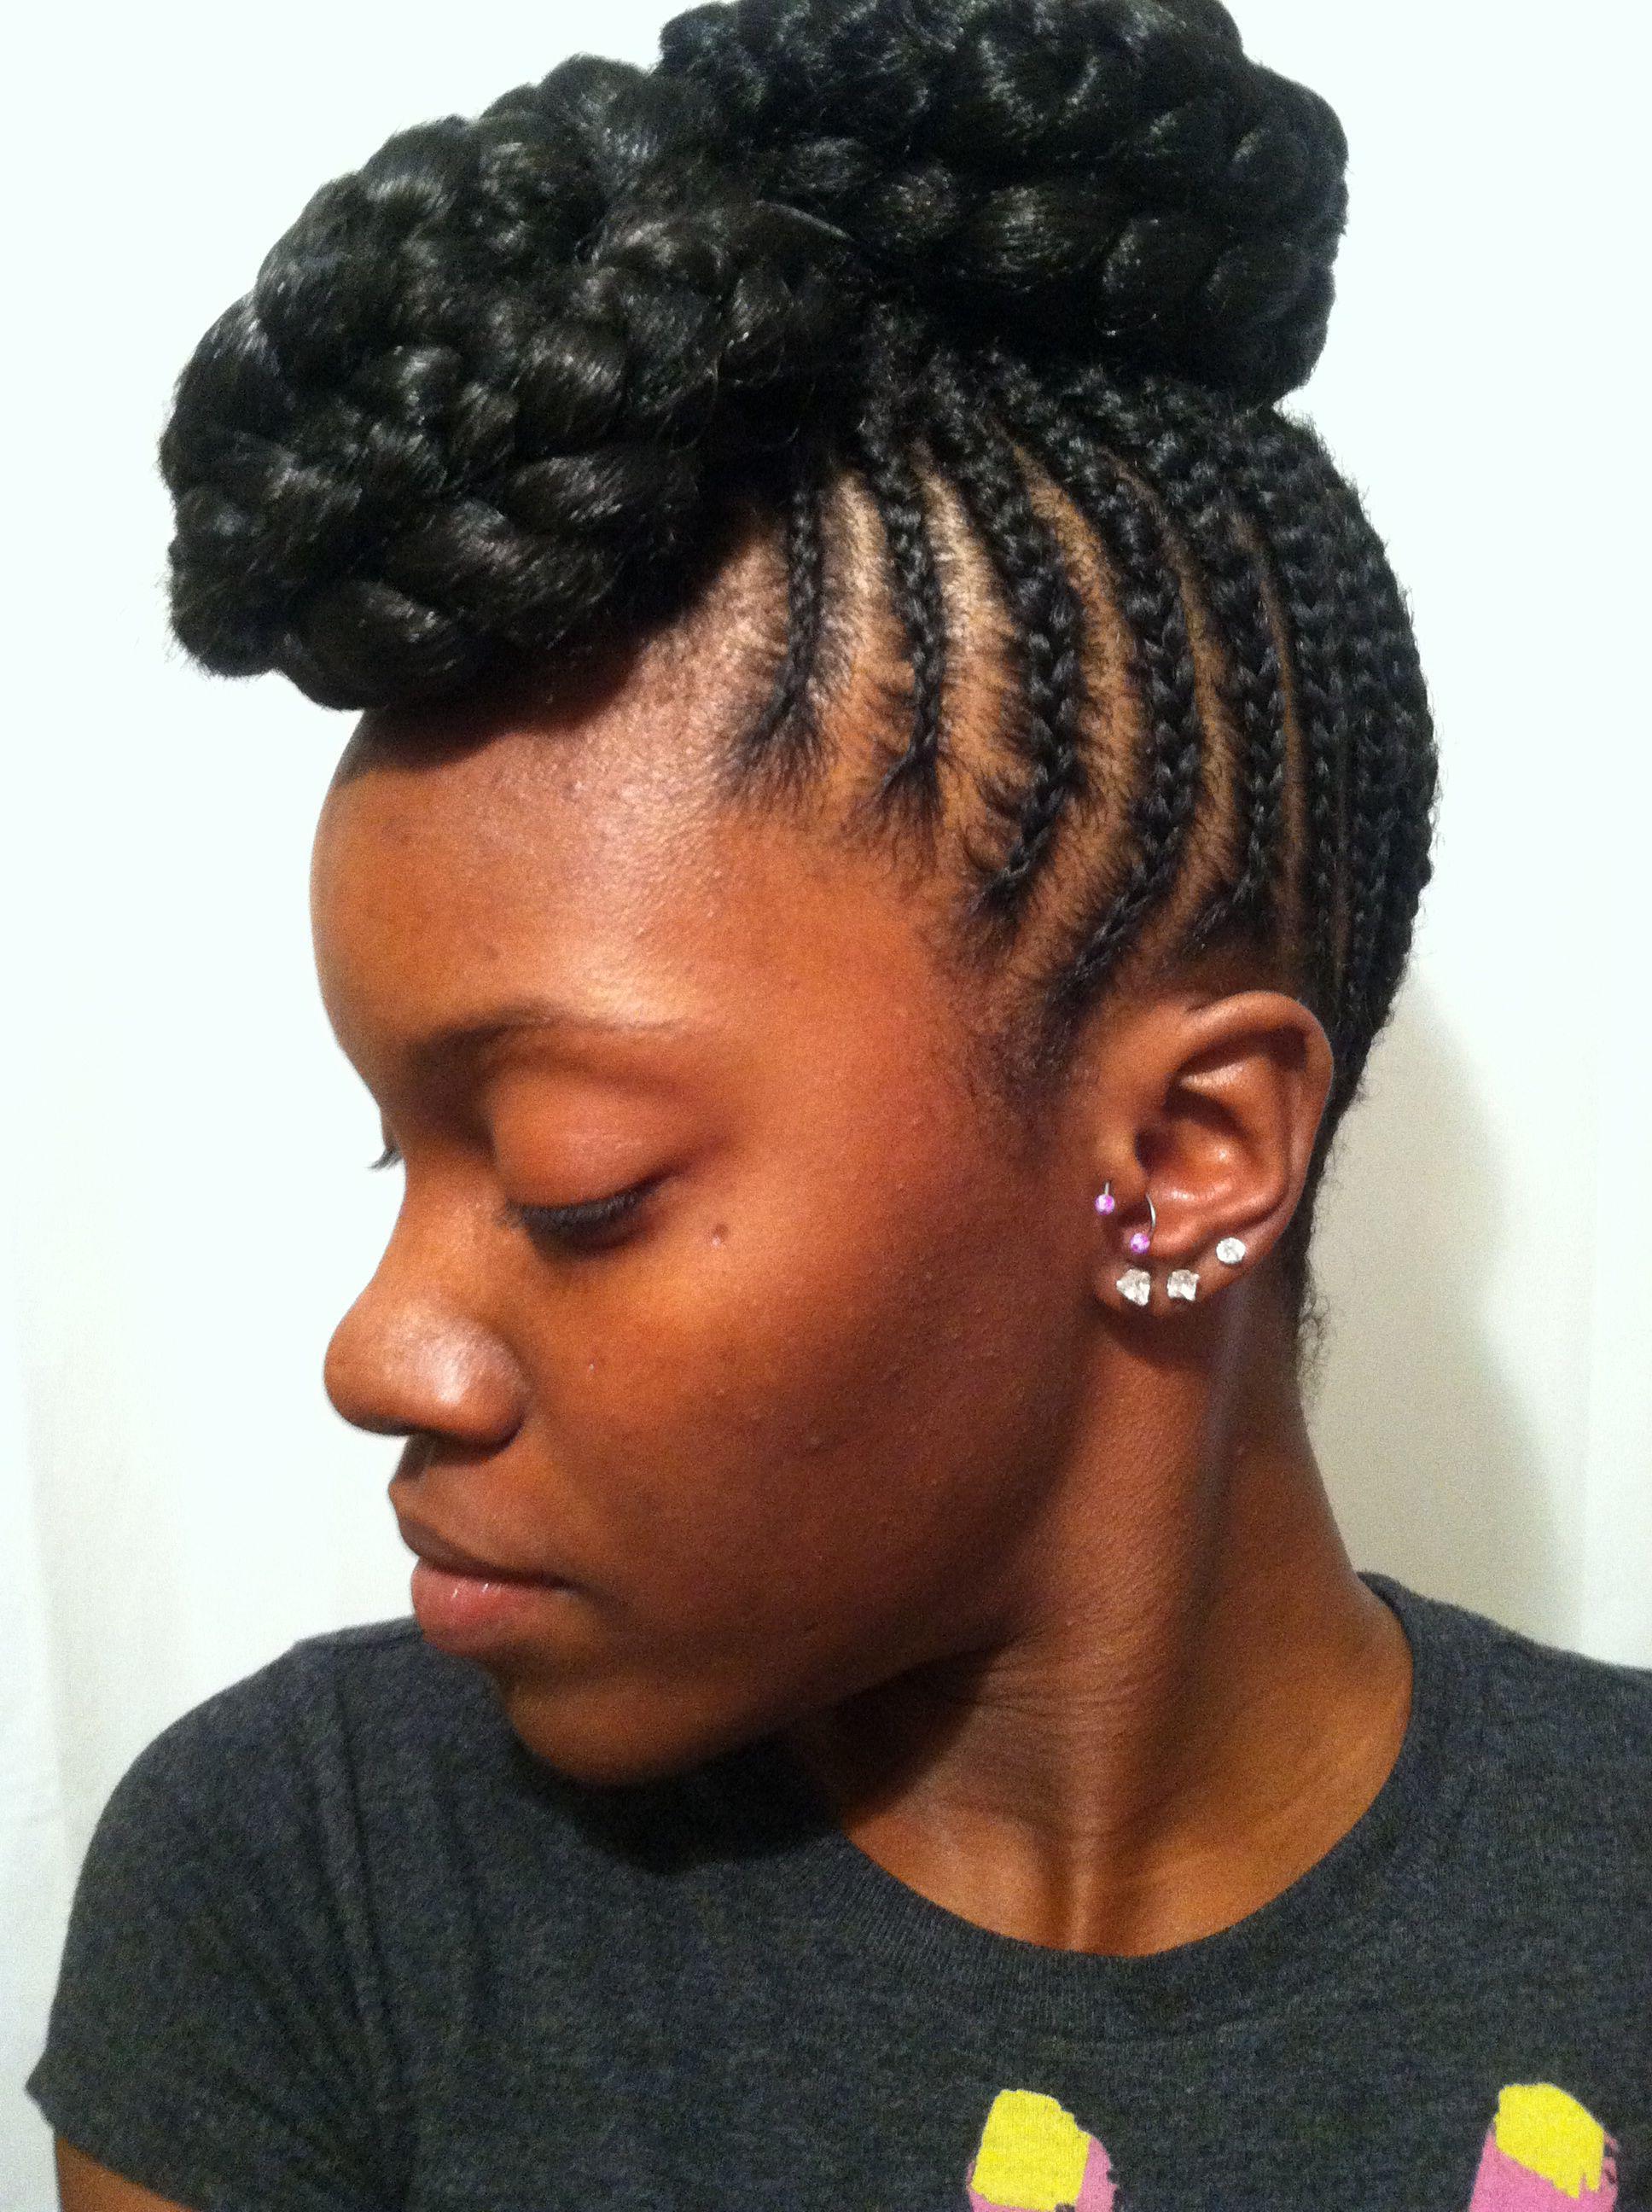 Pin By Mariah Hopkins On Hair Natural Hair Braids Twists Locs Natural Hair Styles Hair Styles Braided Hairstyles